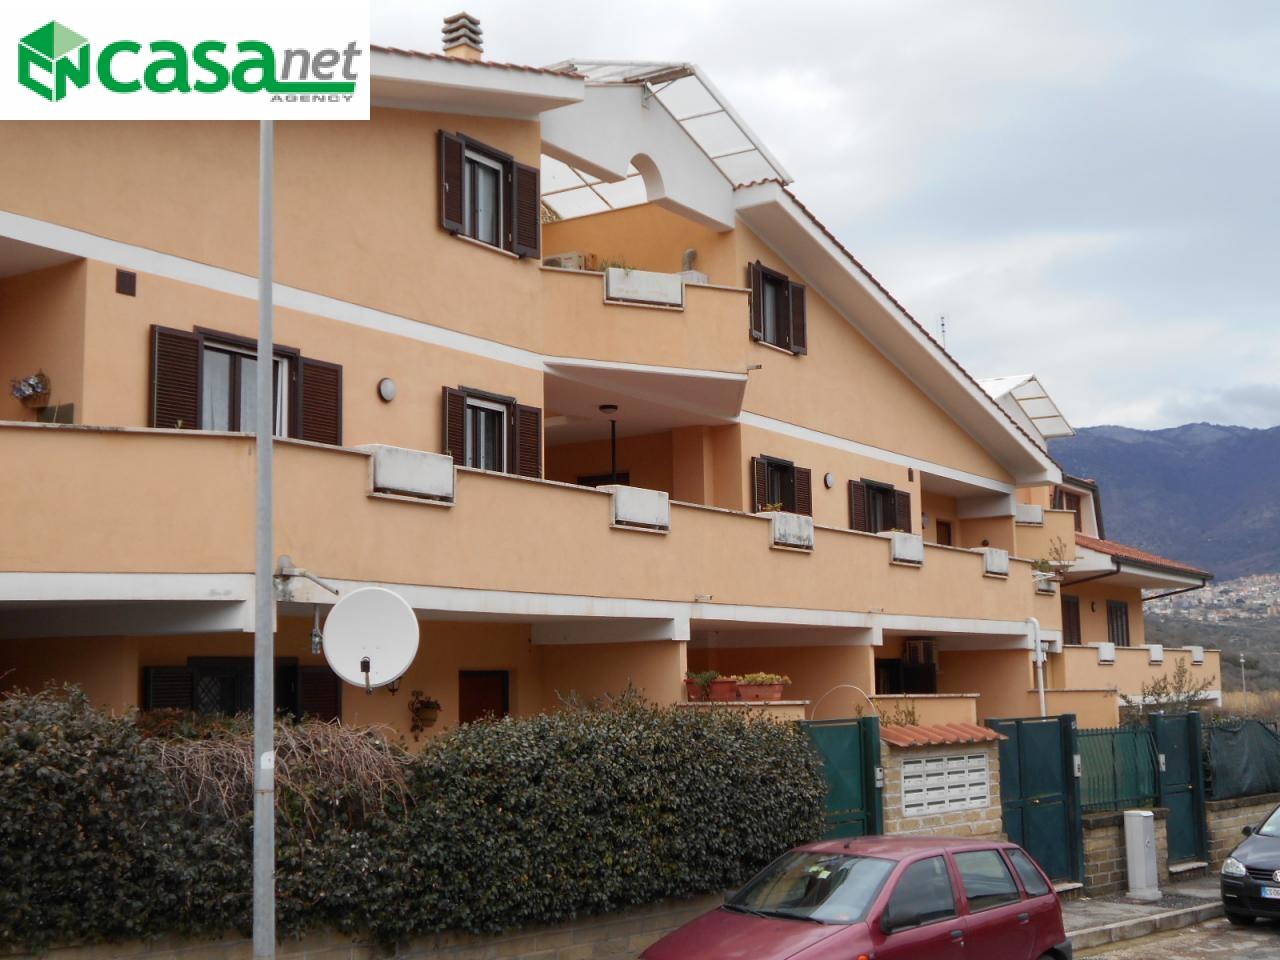 Appartamento in vendita a Marcellina, 3 locali, zona Località: ScaloFerrroviario, prezzo € 80.000 | CambioCasa.it